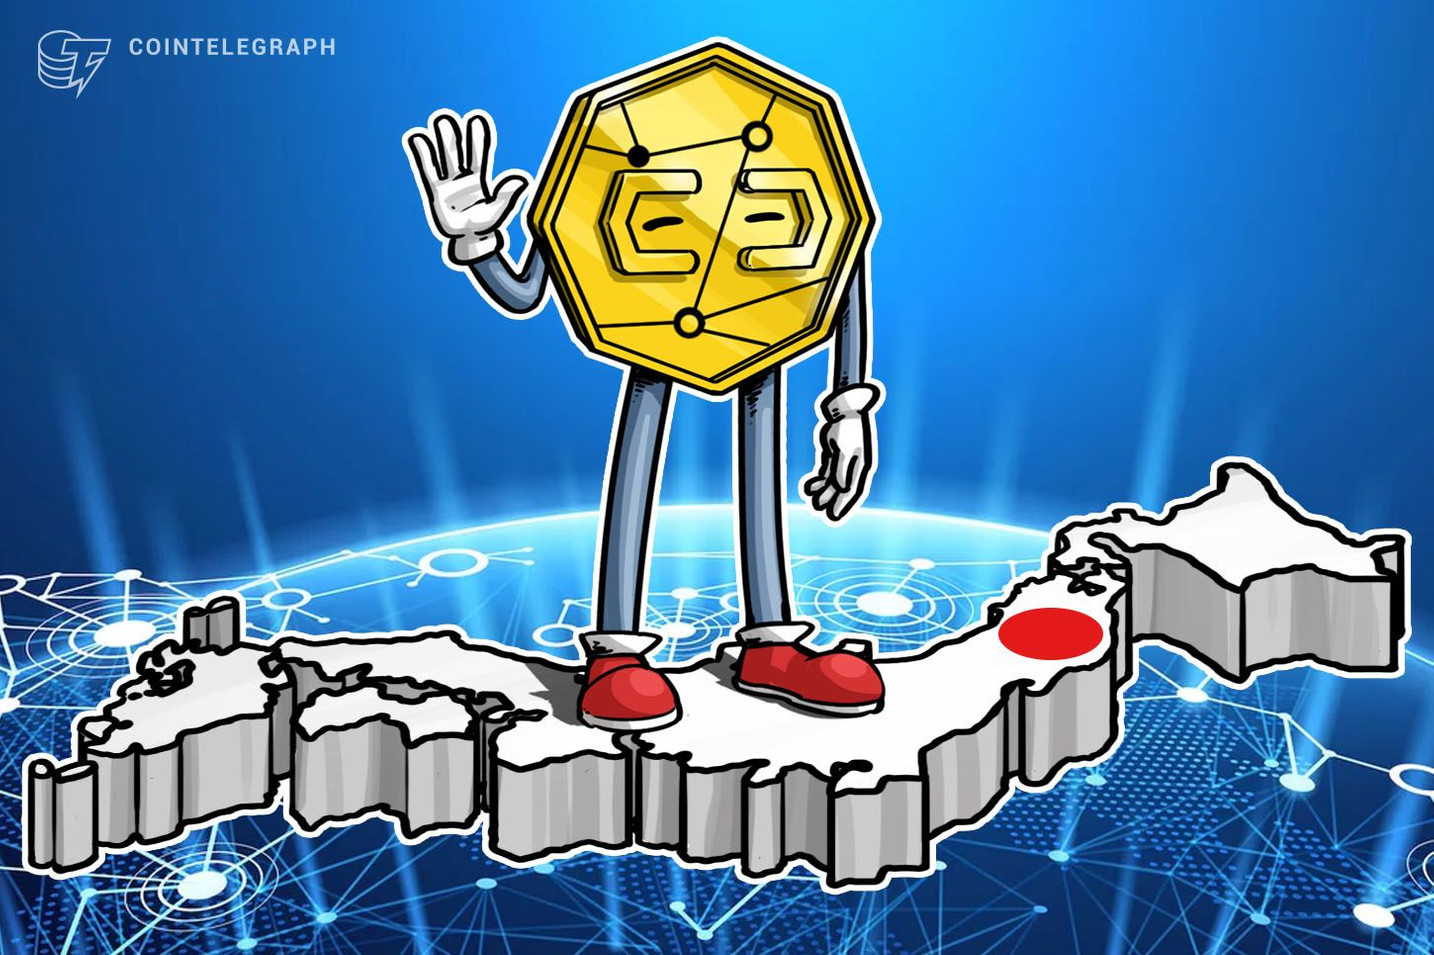 三菱UFJのデジタル通貨「coin」を2020年度後半にも発行、リクルートと協力=MUFG社長が発言